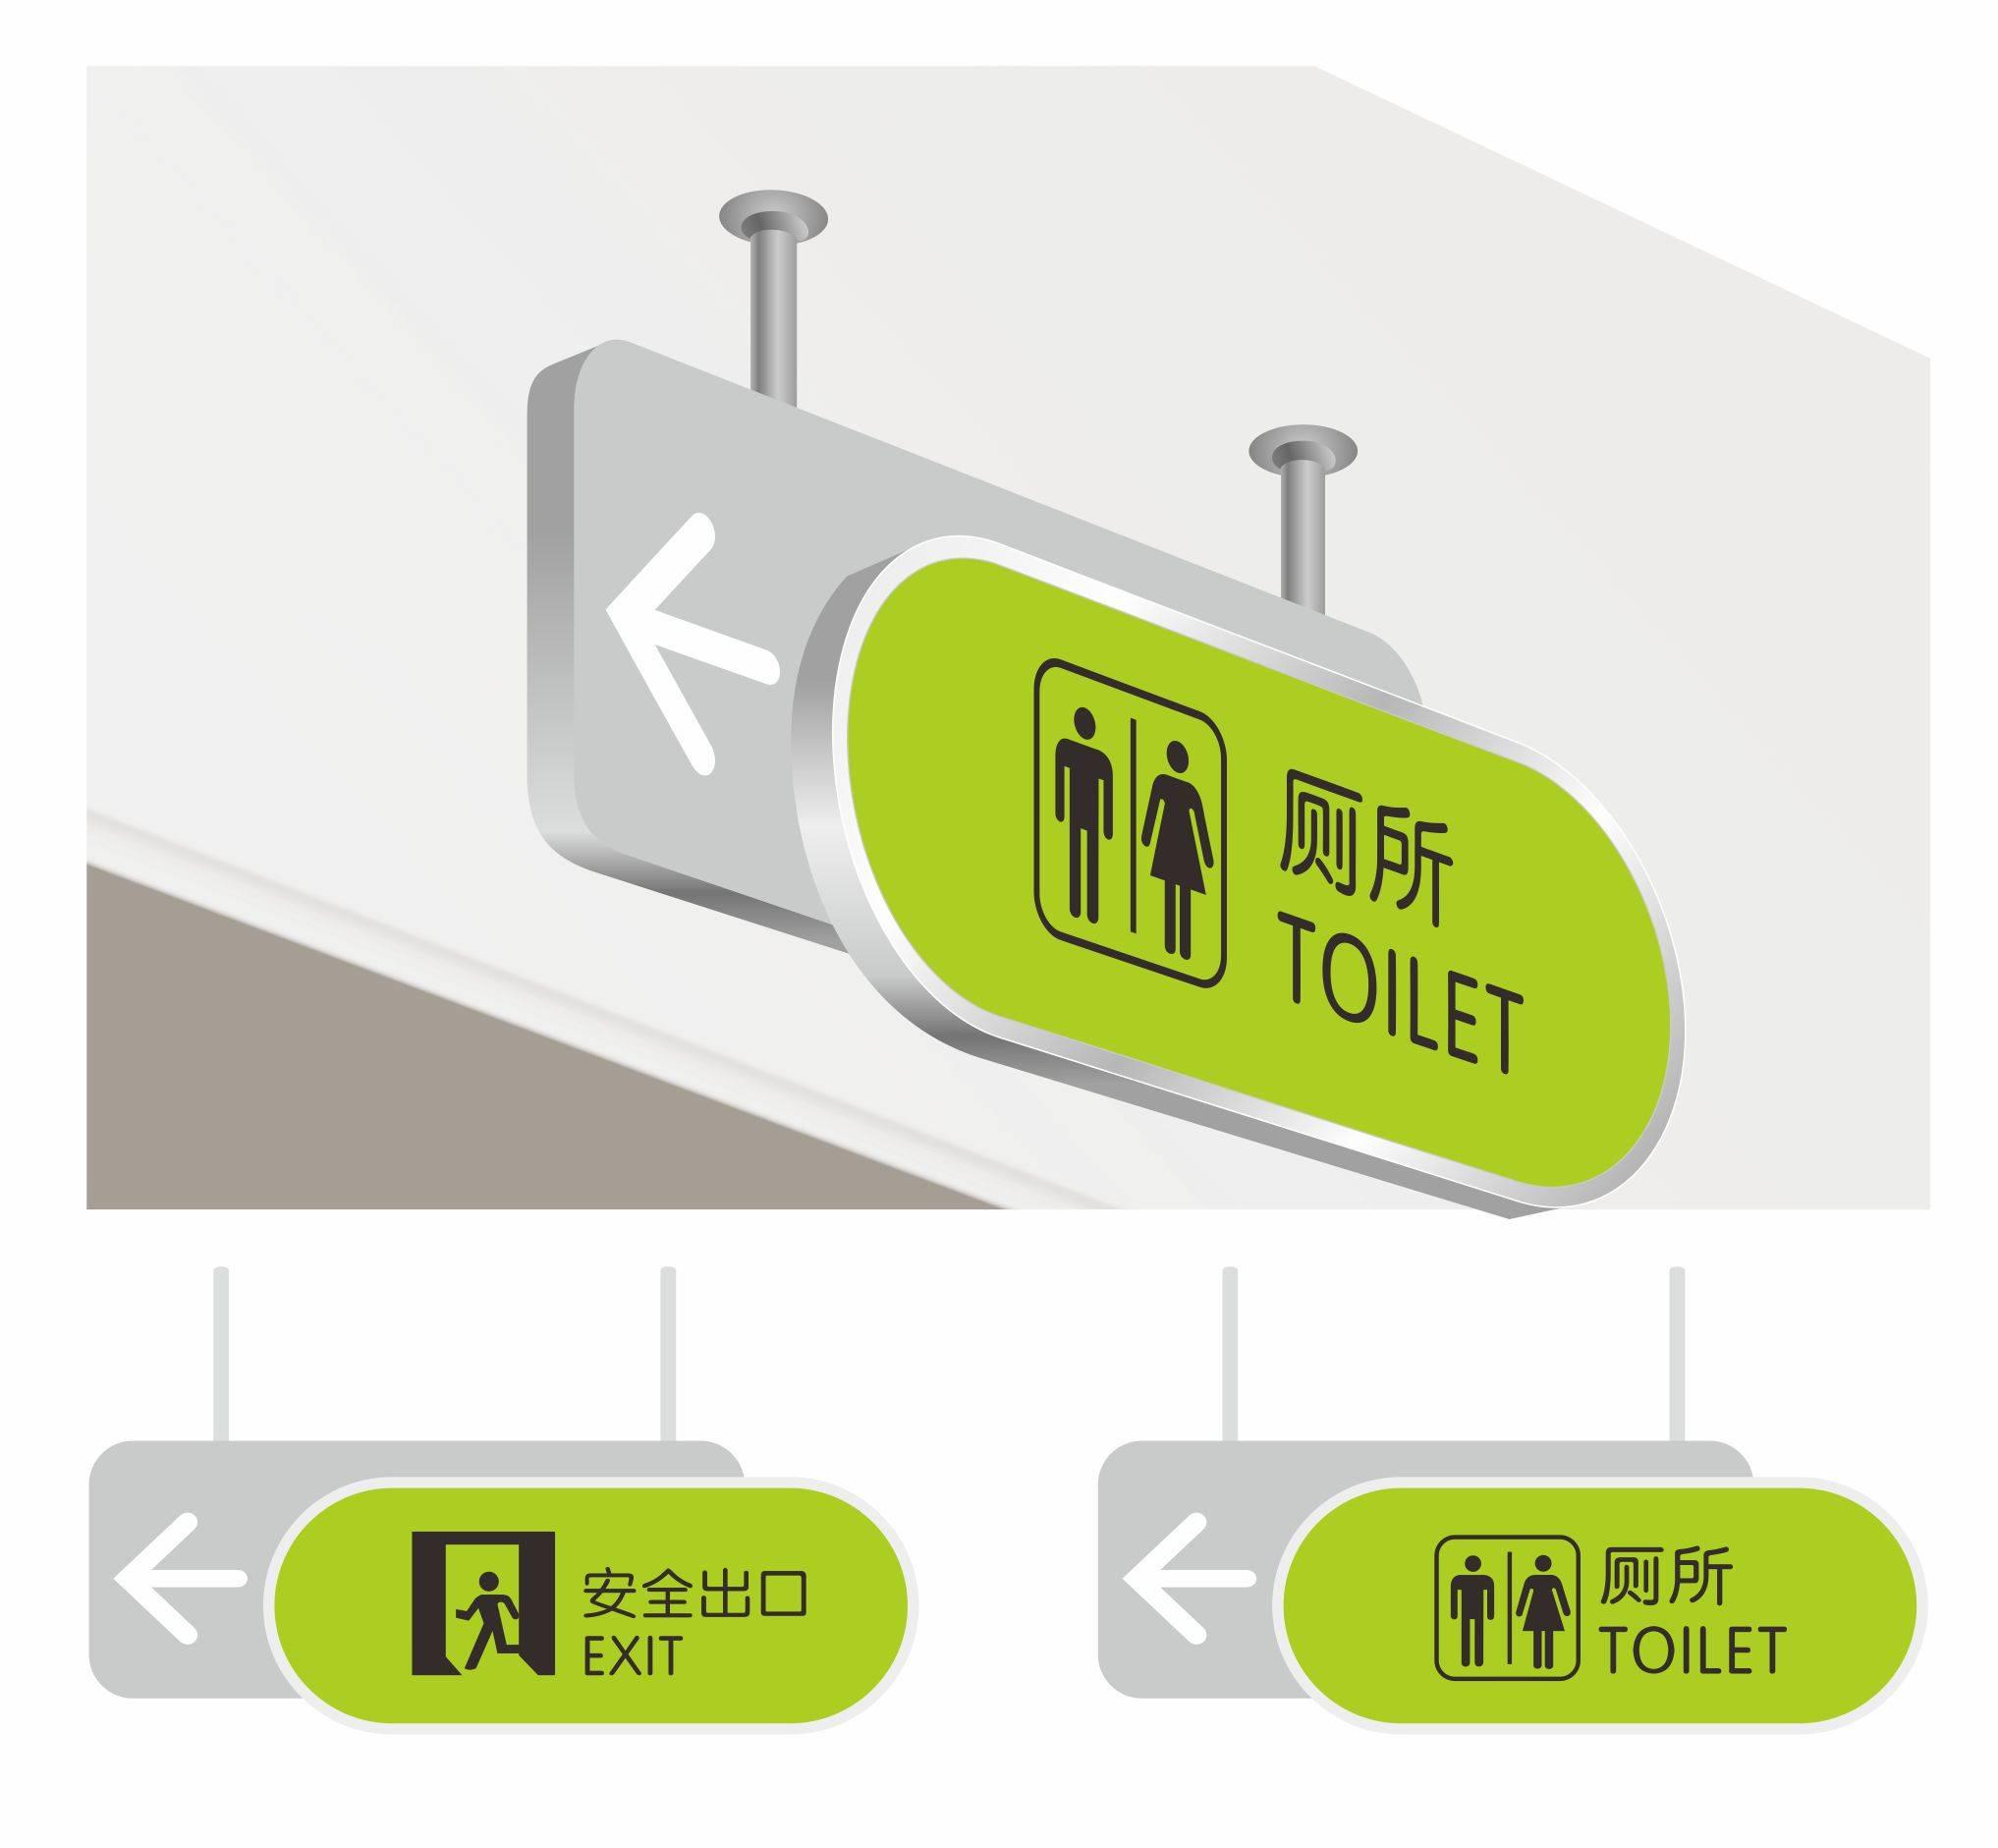 绿色卫生间吊牌标识图片